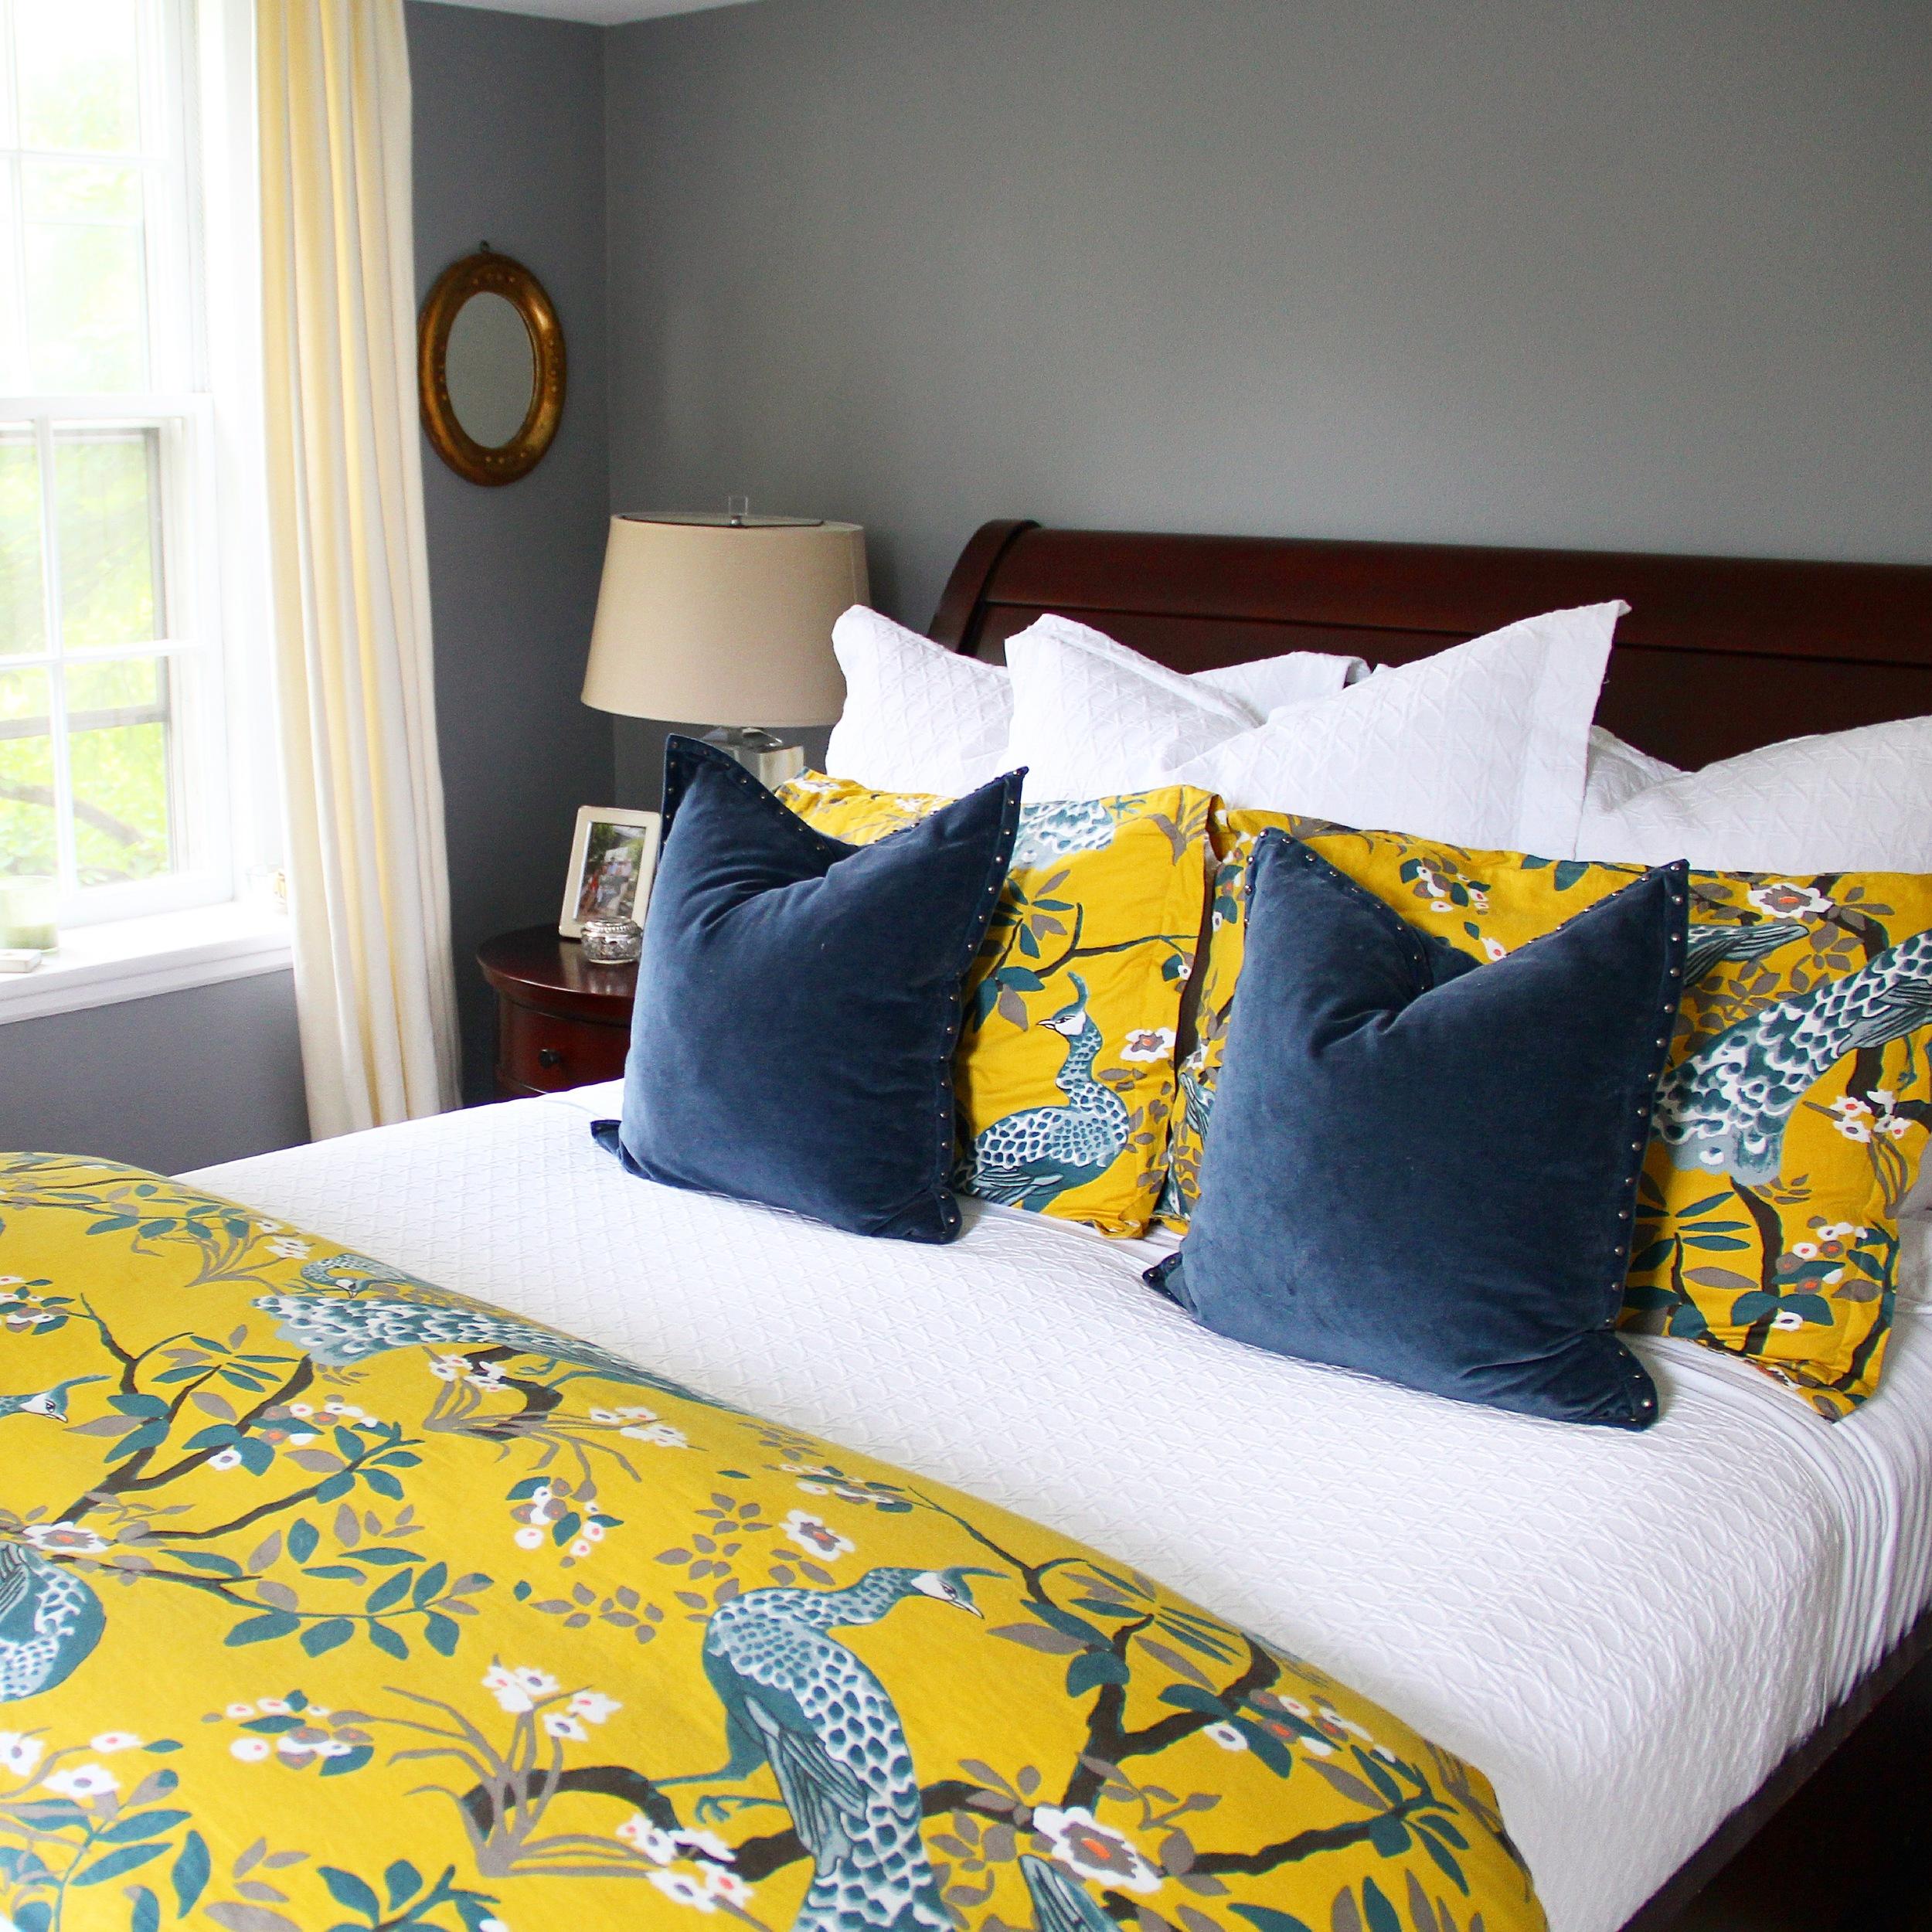 West Elm Pillows.JPG